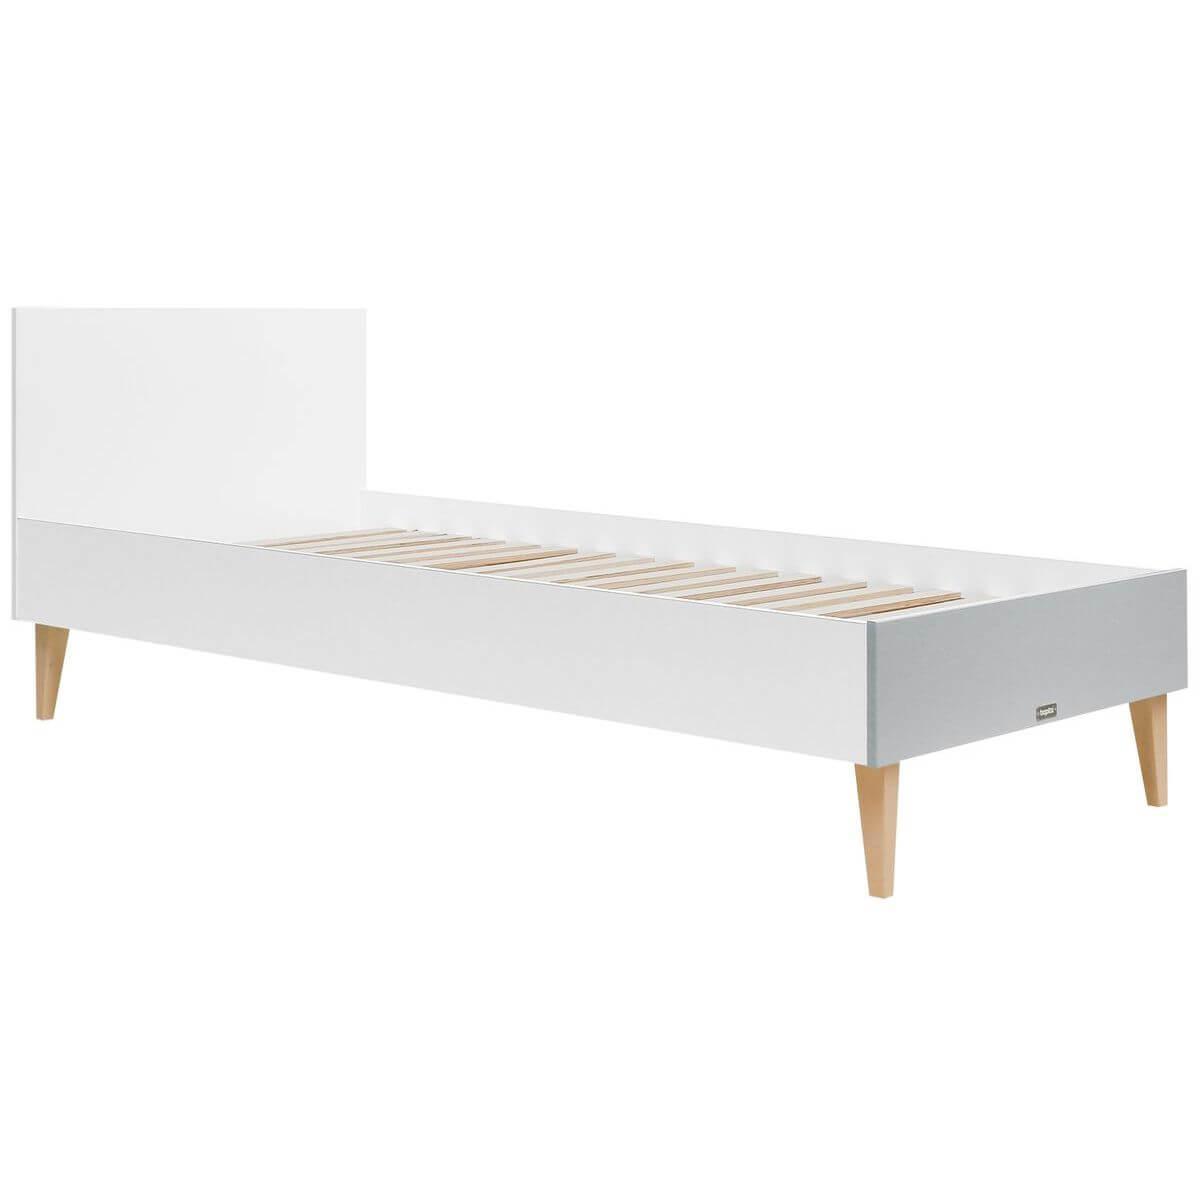 Lit 90x200cm EMMA Bopita blanc-gris